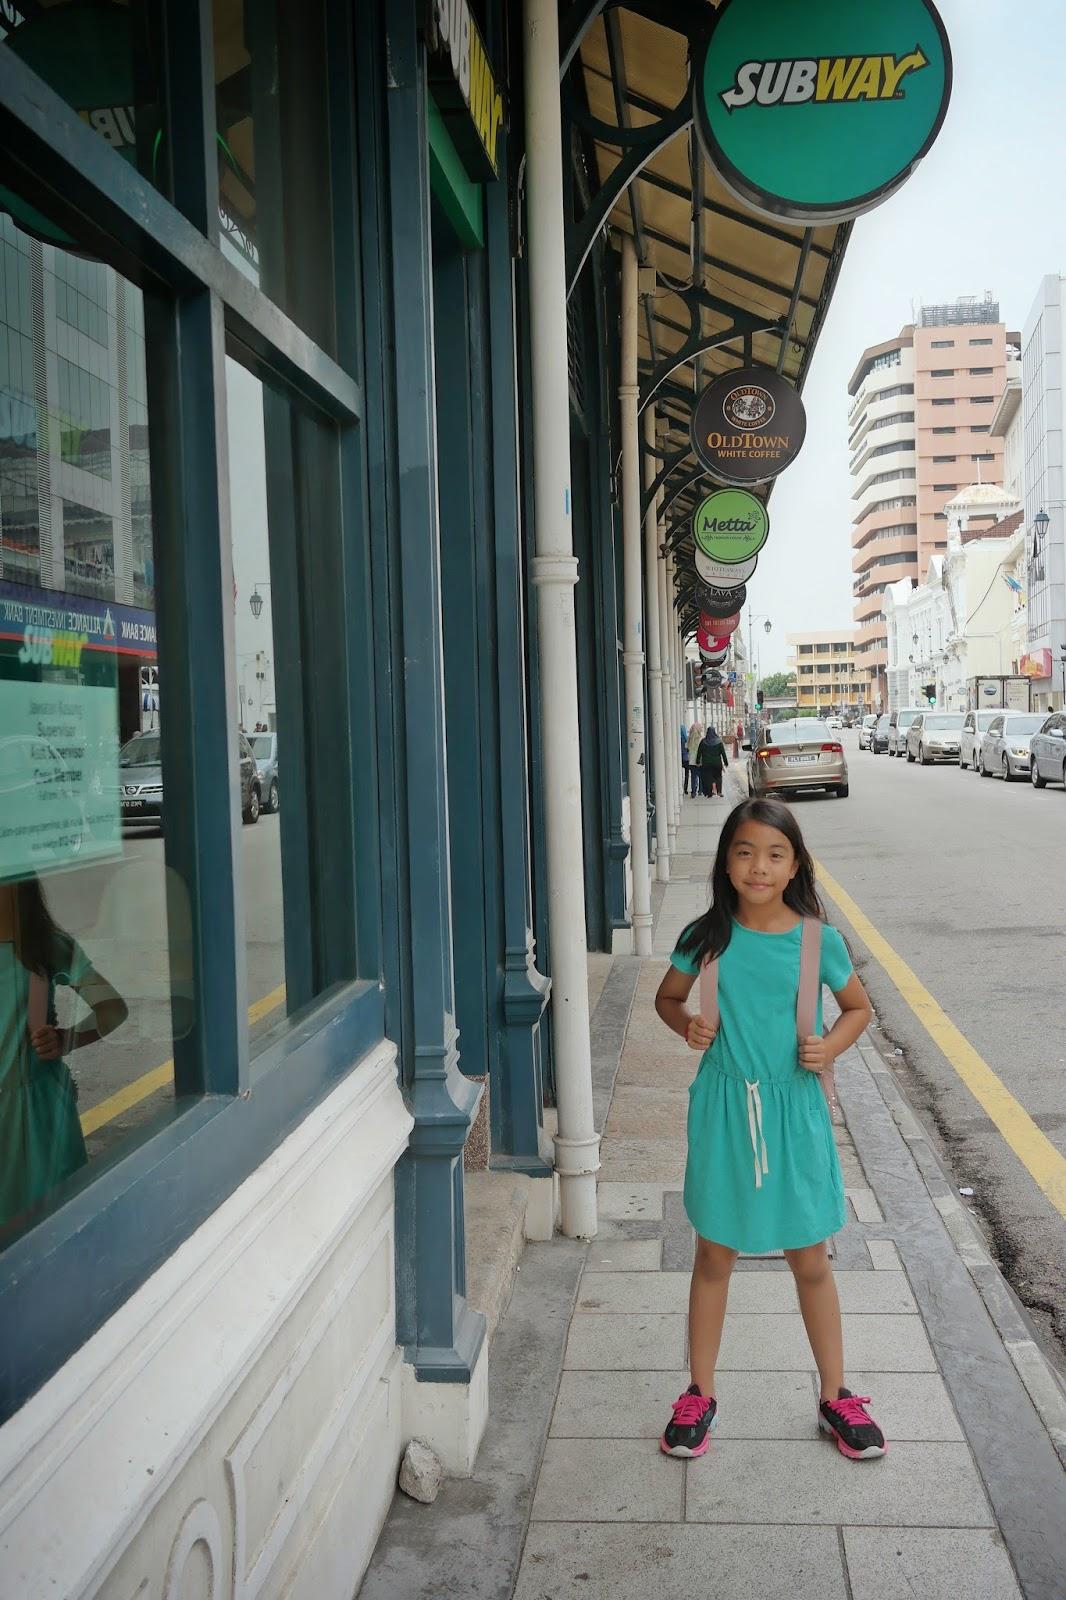 Tengok Tu B K Cafe Cafe Dan Restoran Di Sekitar Kawasan Ini Kami Sempat Juga Berjalan Sampai Ke Komtar Dalam Menuju Ke Tempat Jual Cendol Yang Popular